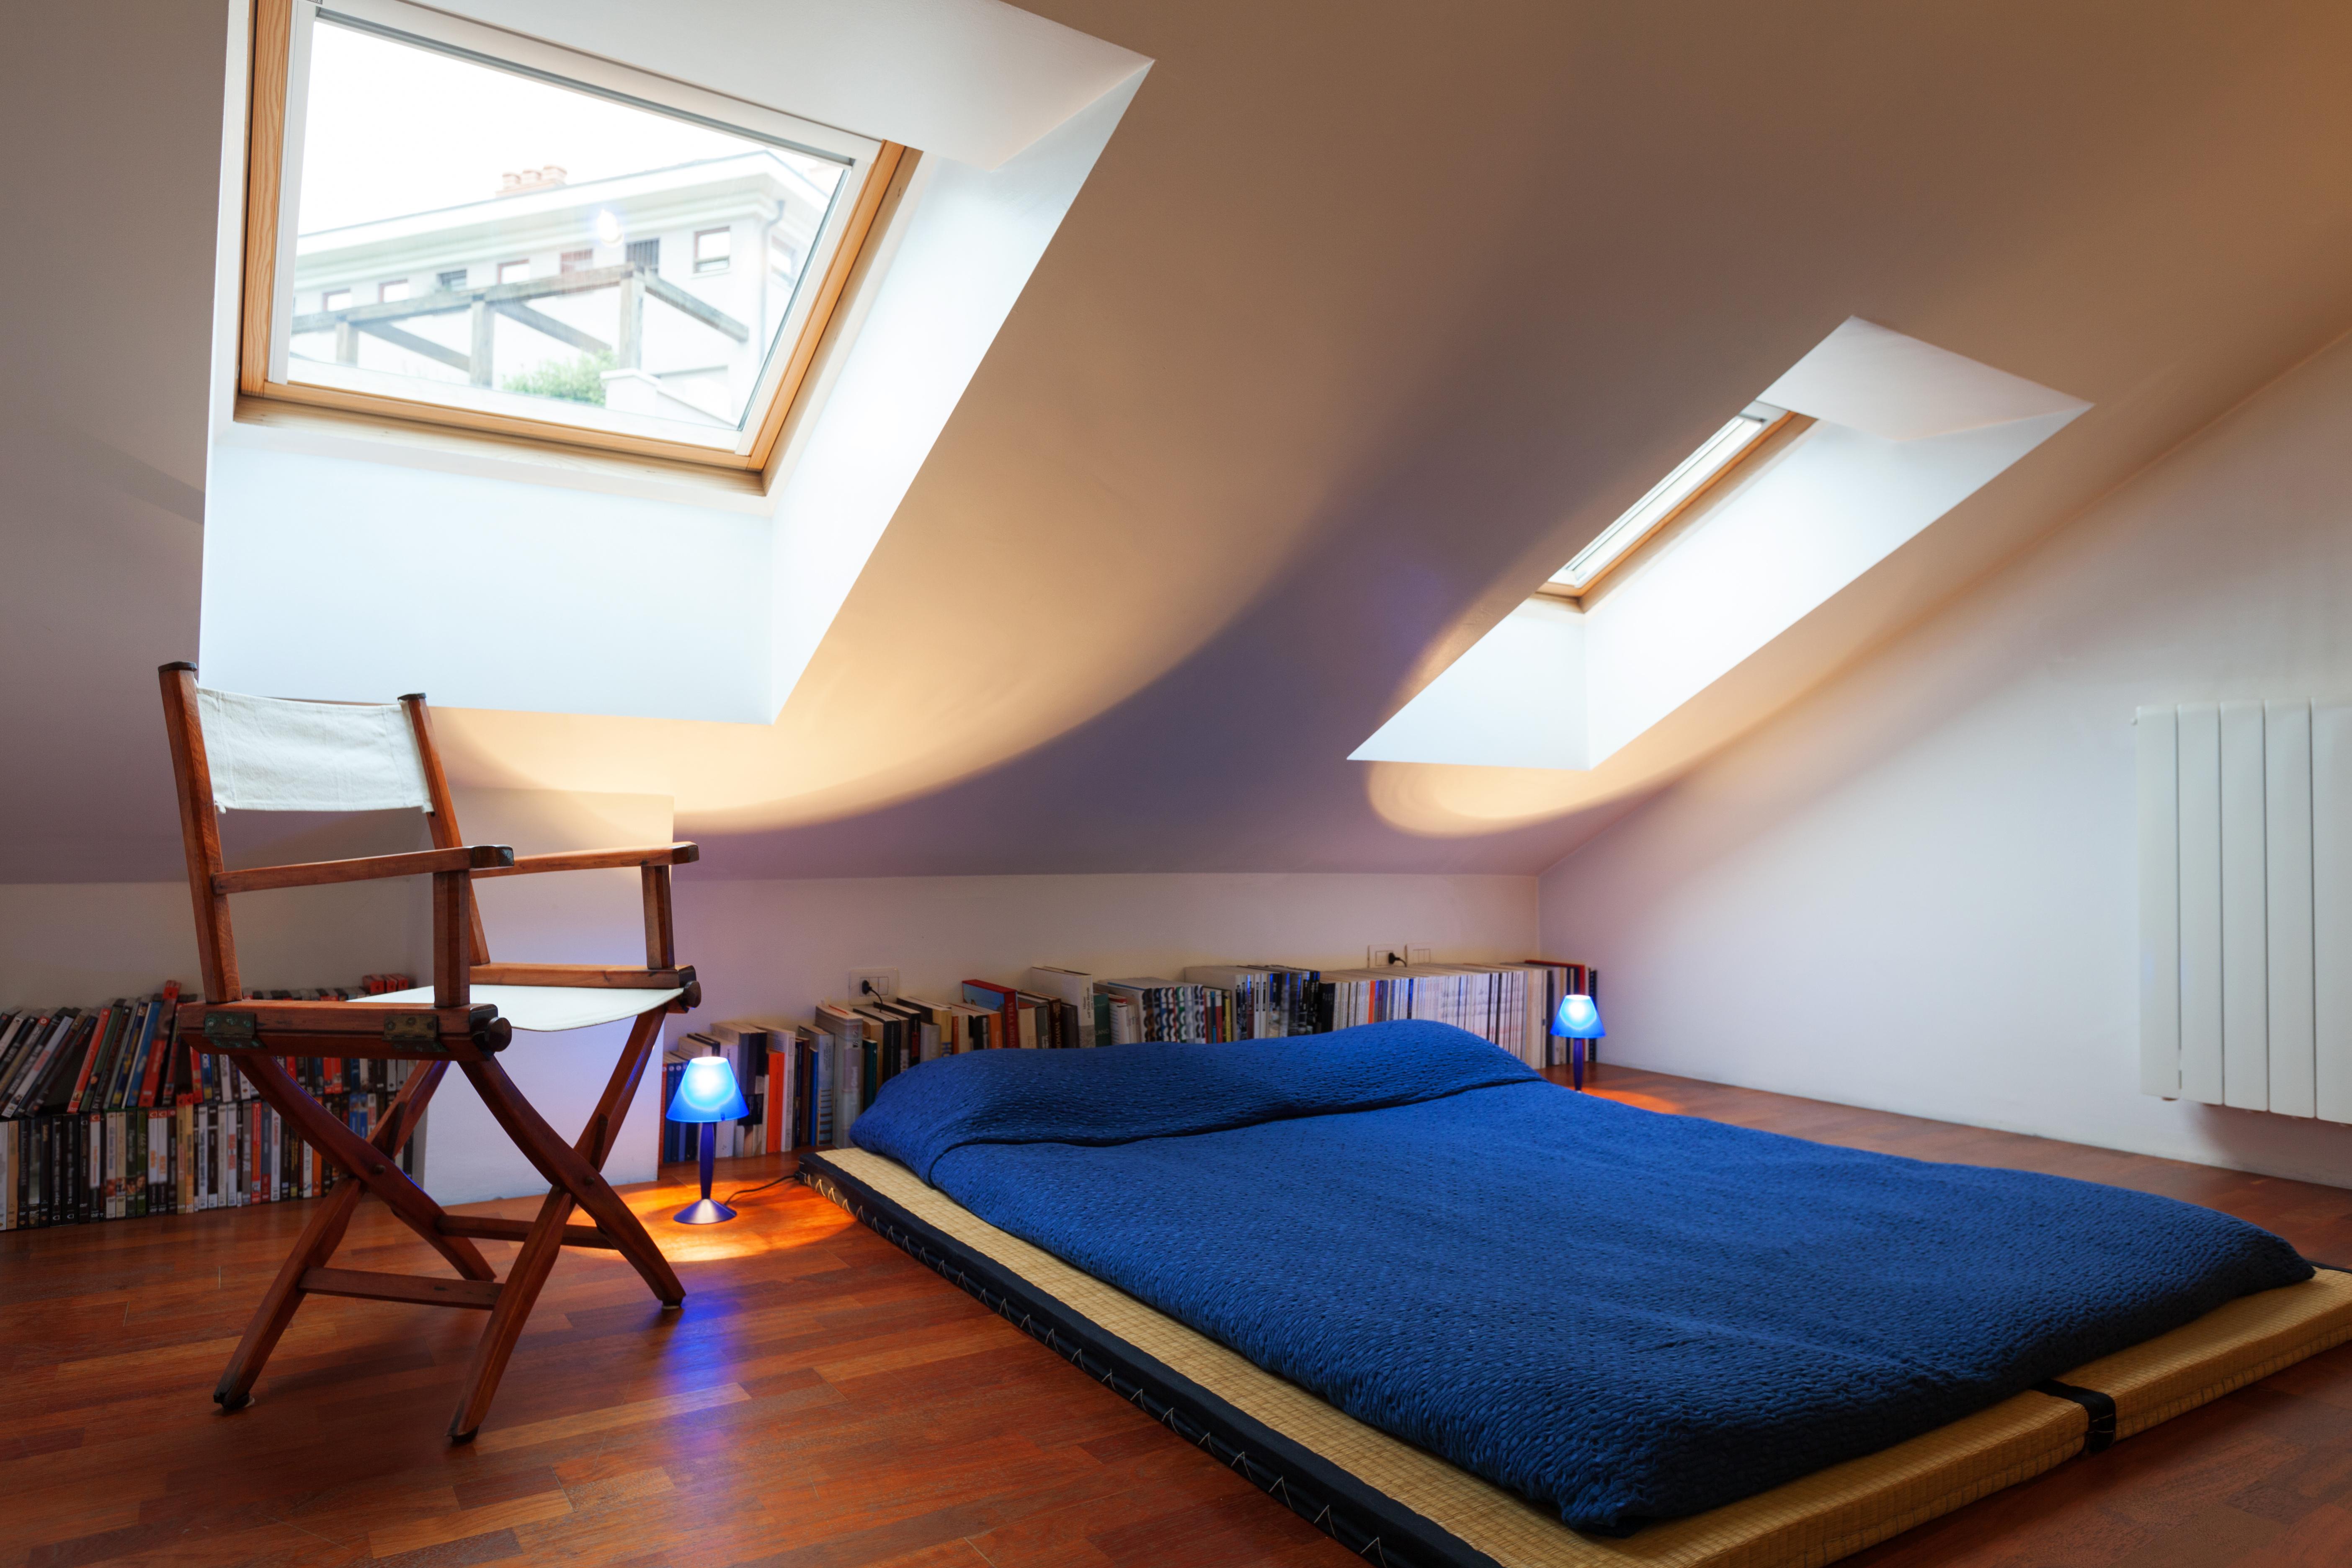 Colocar un futón en el dormitorio